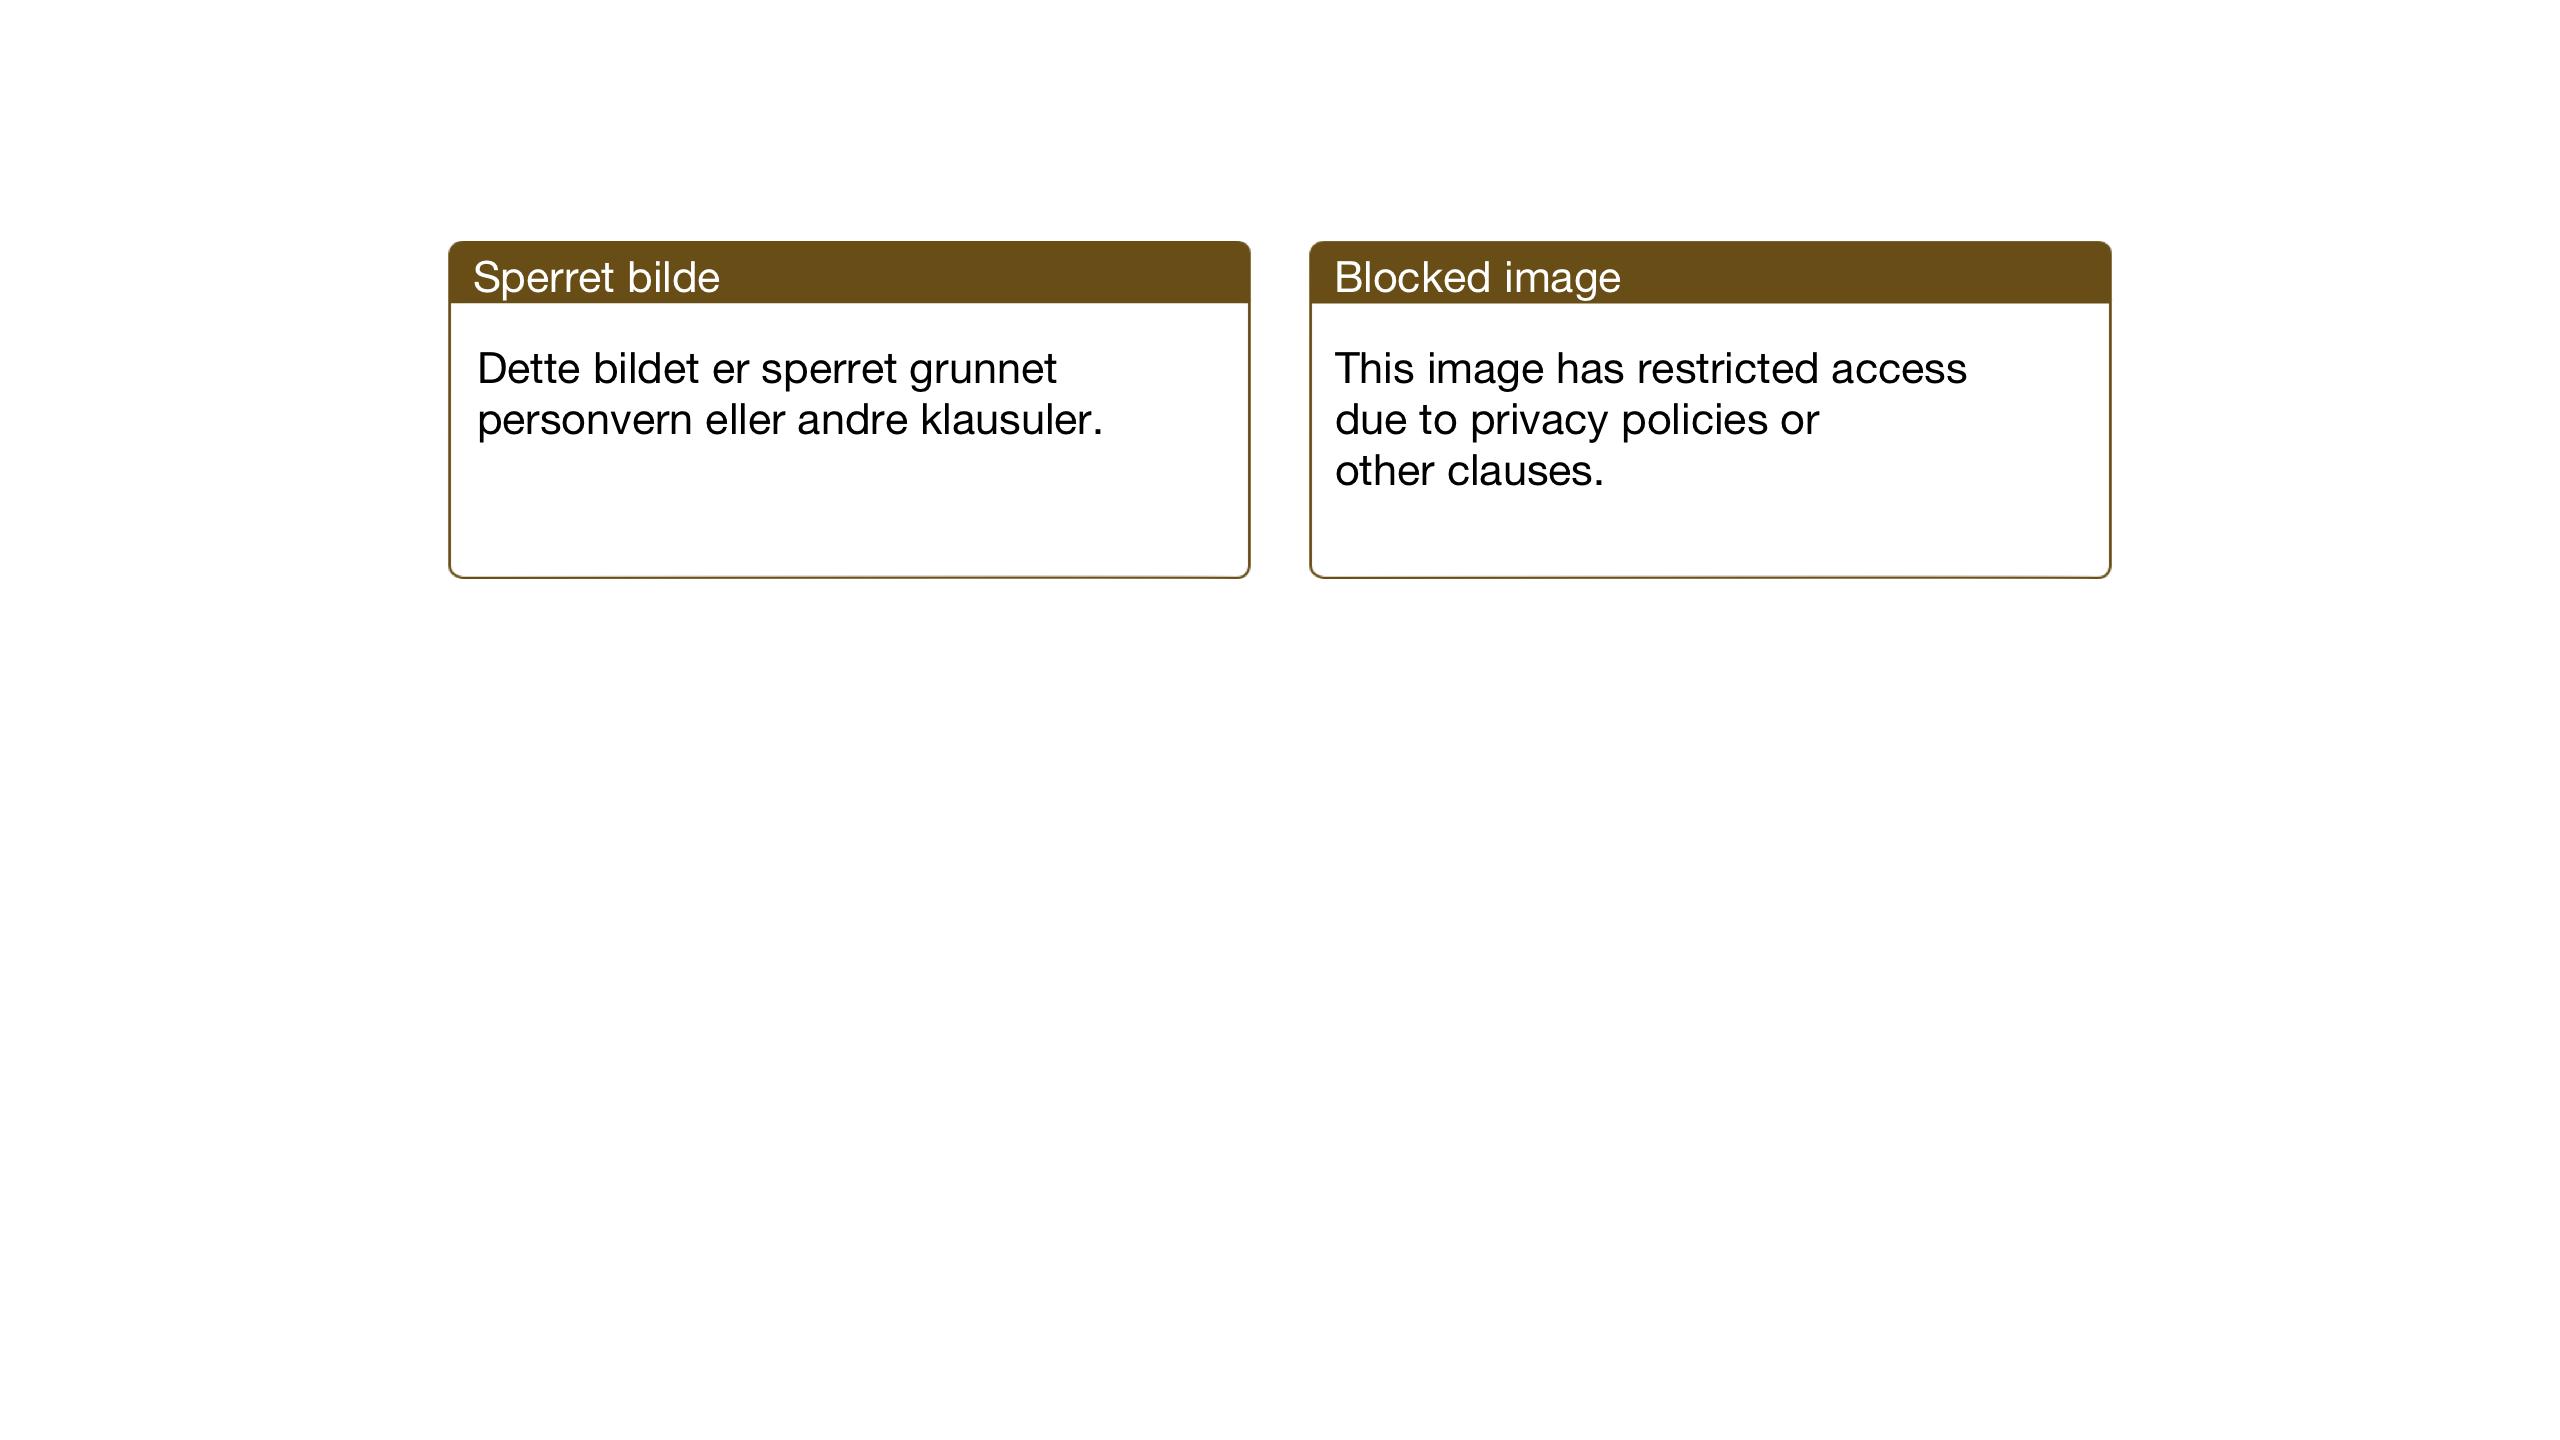 SAT, Ministerialprotokoller, klokkerbøker og fødselsregistre - Sør-Trøndelag, 651/L0648: Klokkerbok nr. 651C02, 1915-1945, s. 147